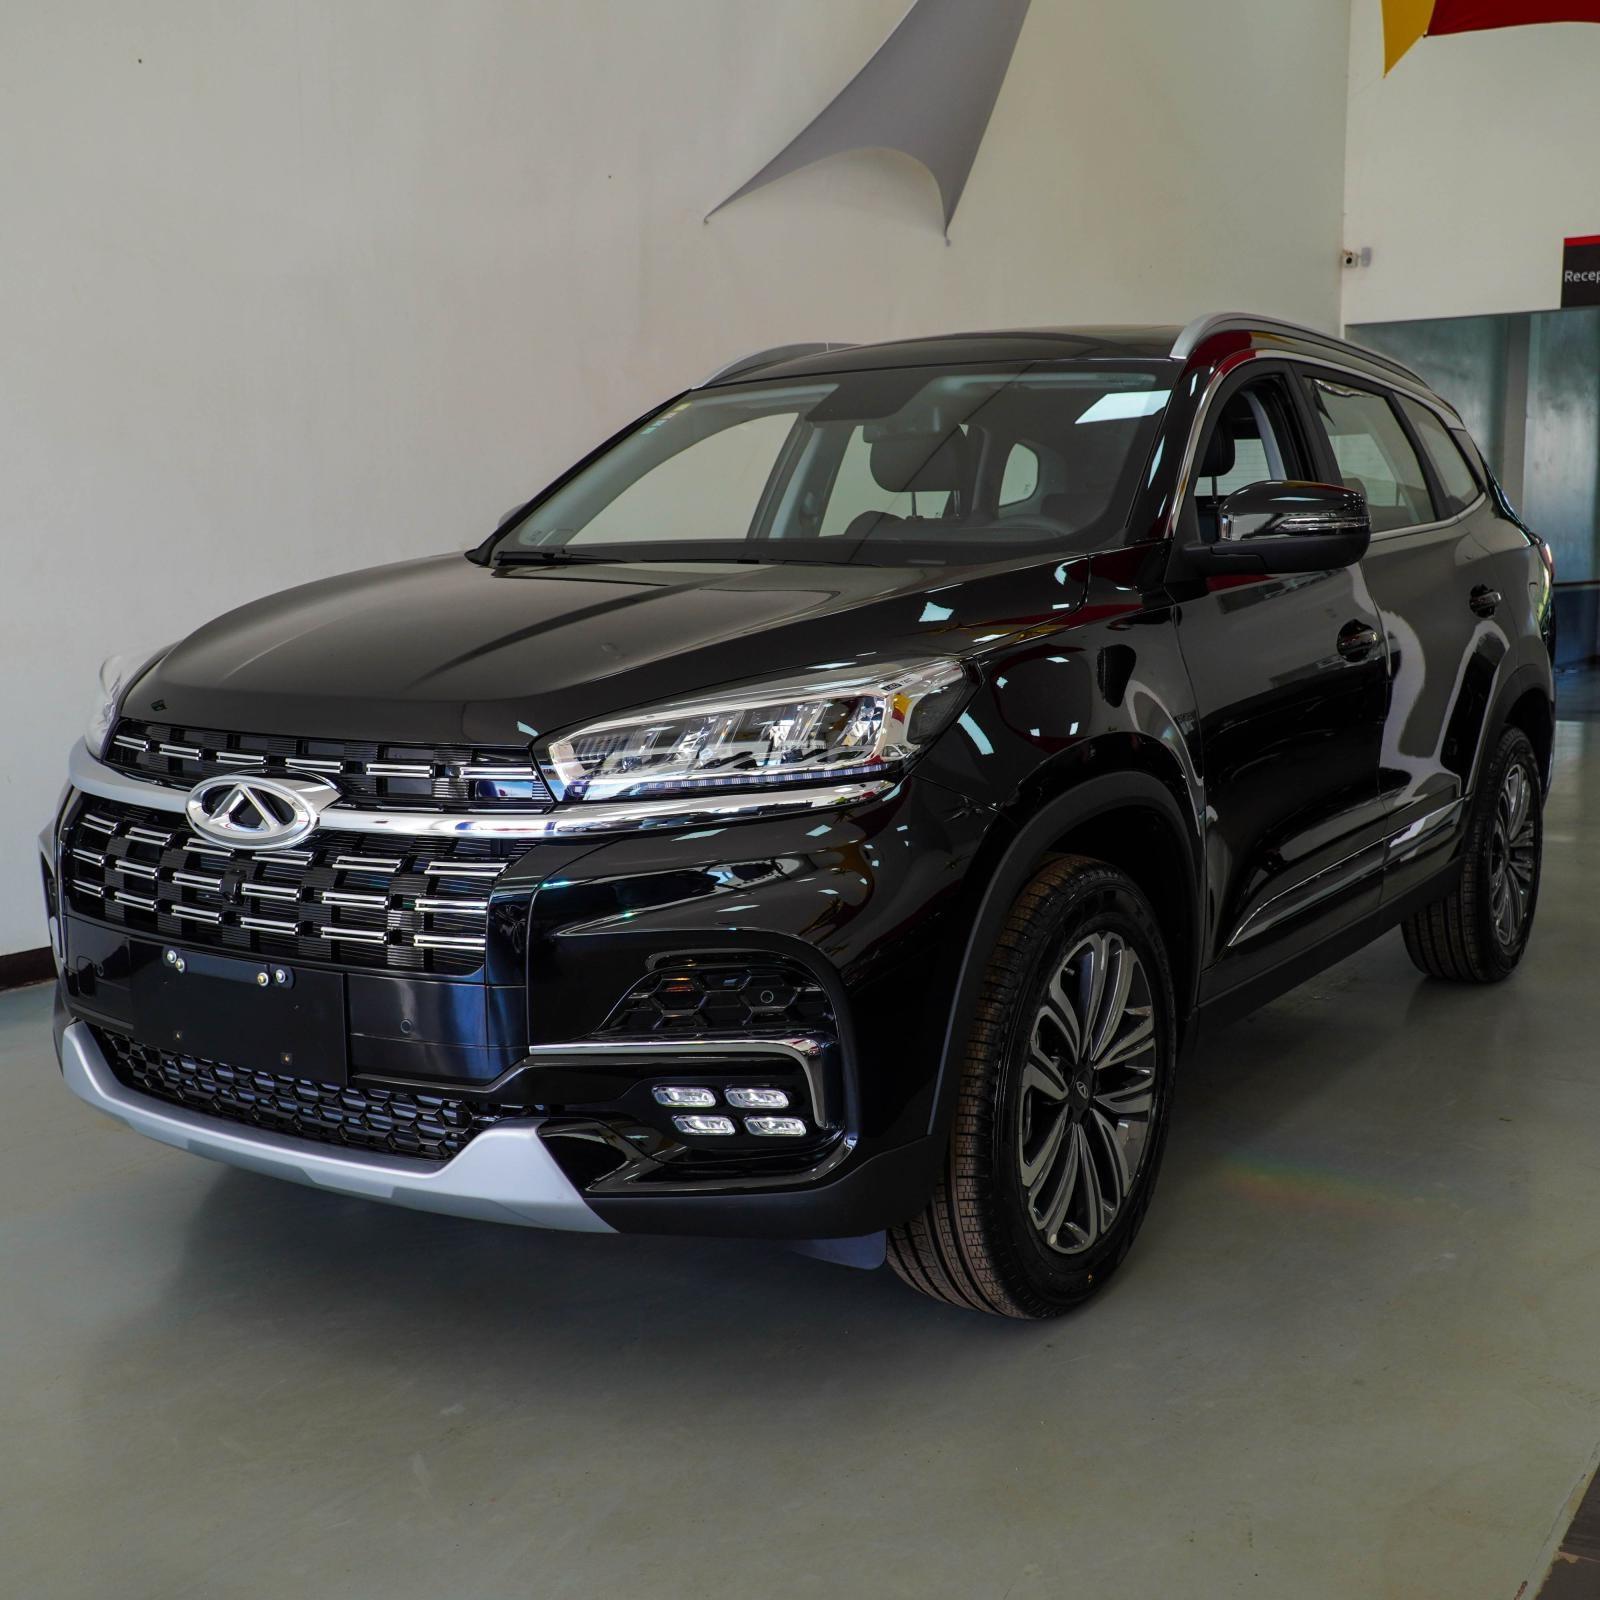 //www.autoline.com.br/carro/chery/tiggo-8-16-txs-t-16v-gasolina-4p-turbo-automatico/2022/valparaiso-de-goias-go/15718779